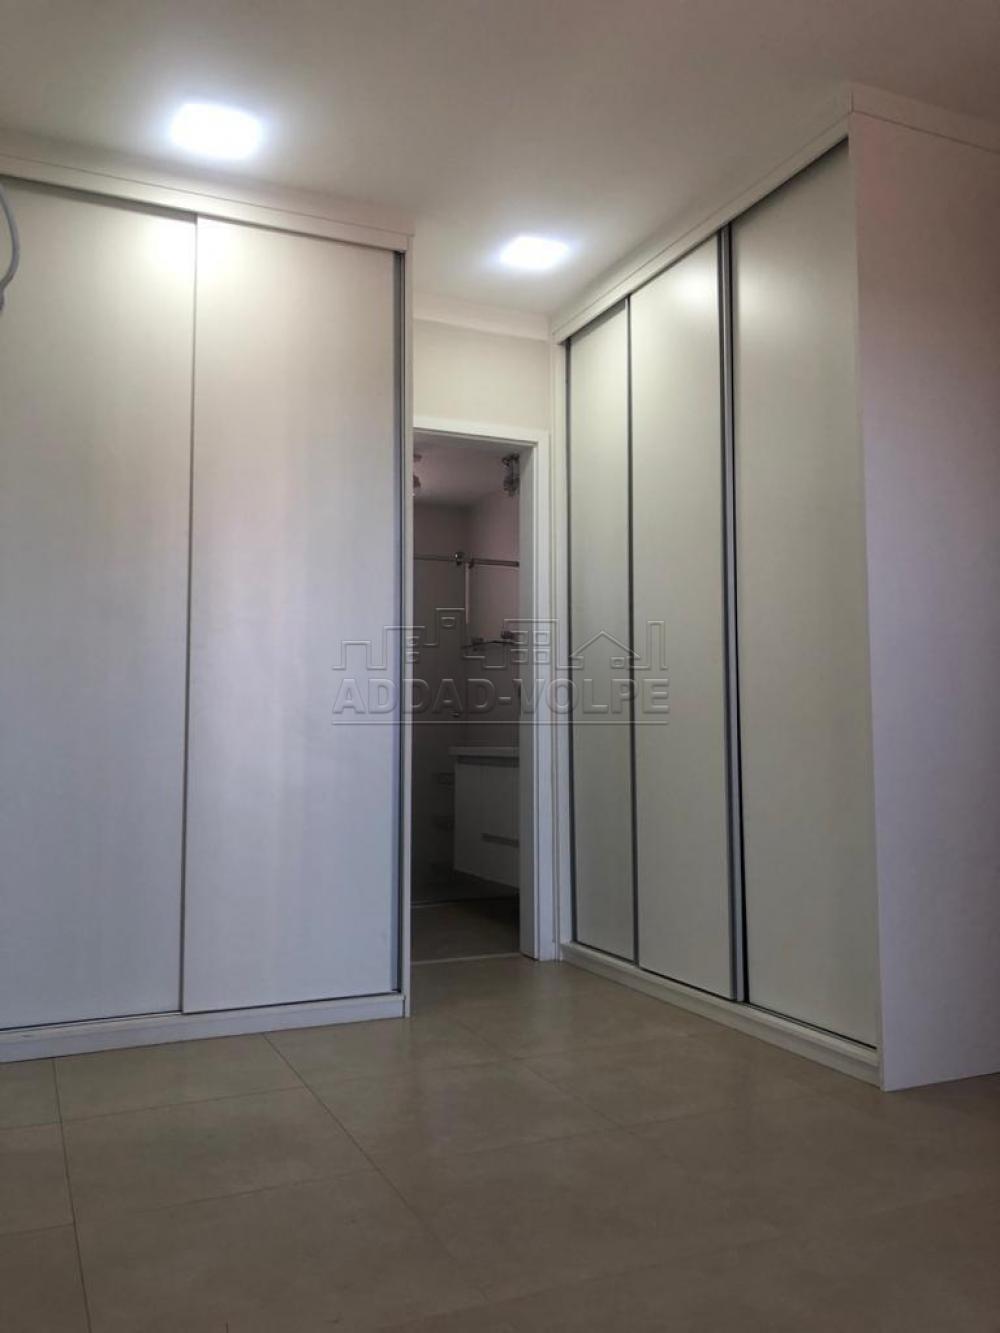 Comprar Apartamento / Padrão em Bauru R$ 990.000,00 - Foto 11